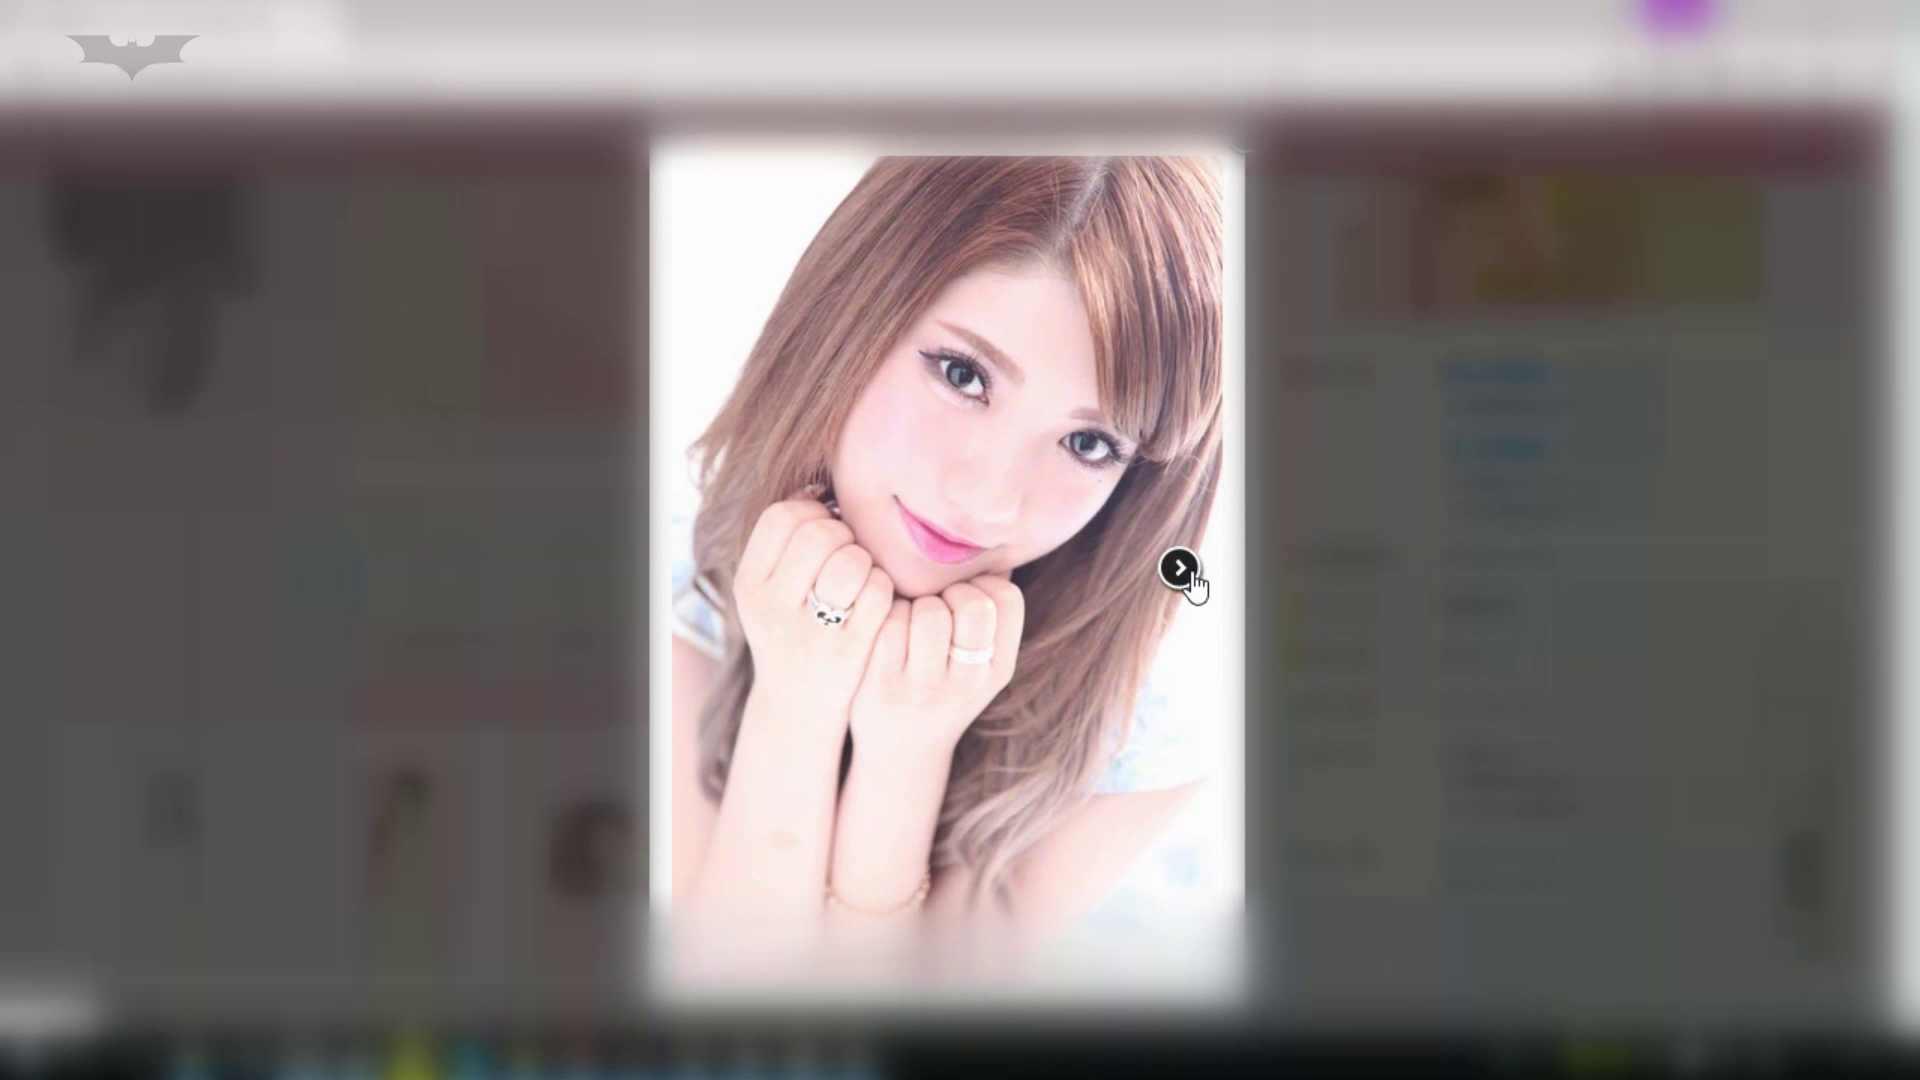 ヒトニアラヅNo.04 六本木NO1 姿、流れ、予告編公開!! ギャル   高画質  71画像 29